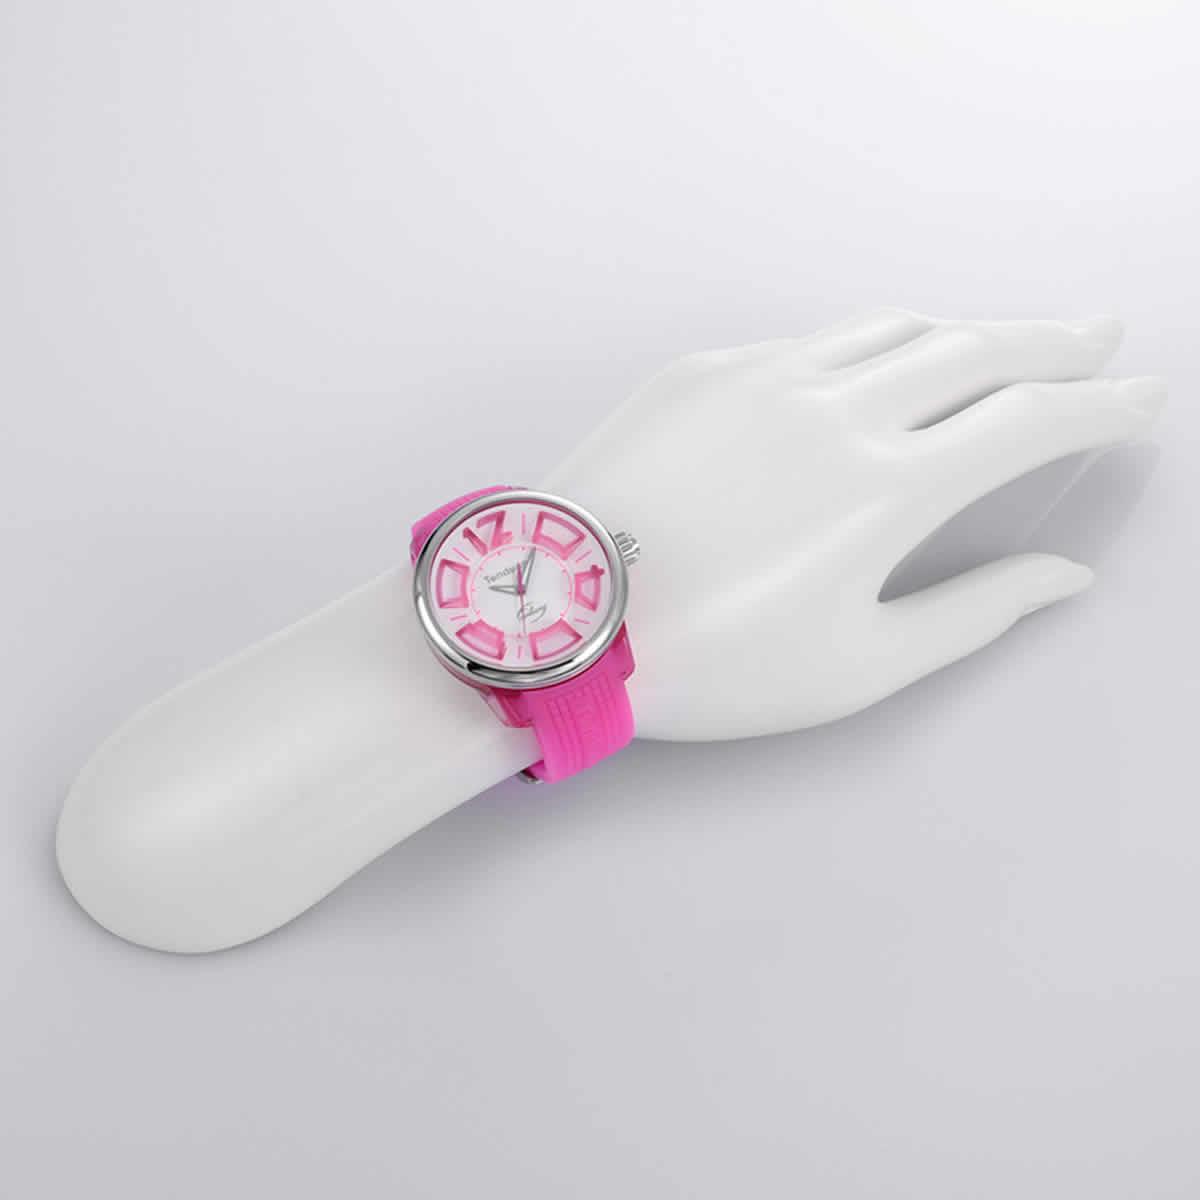 テンデンス腕時計 着用イメージ